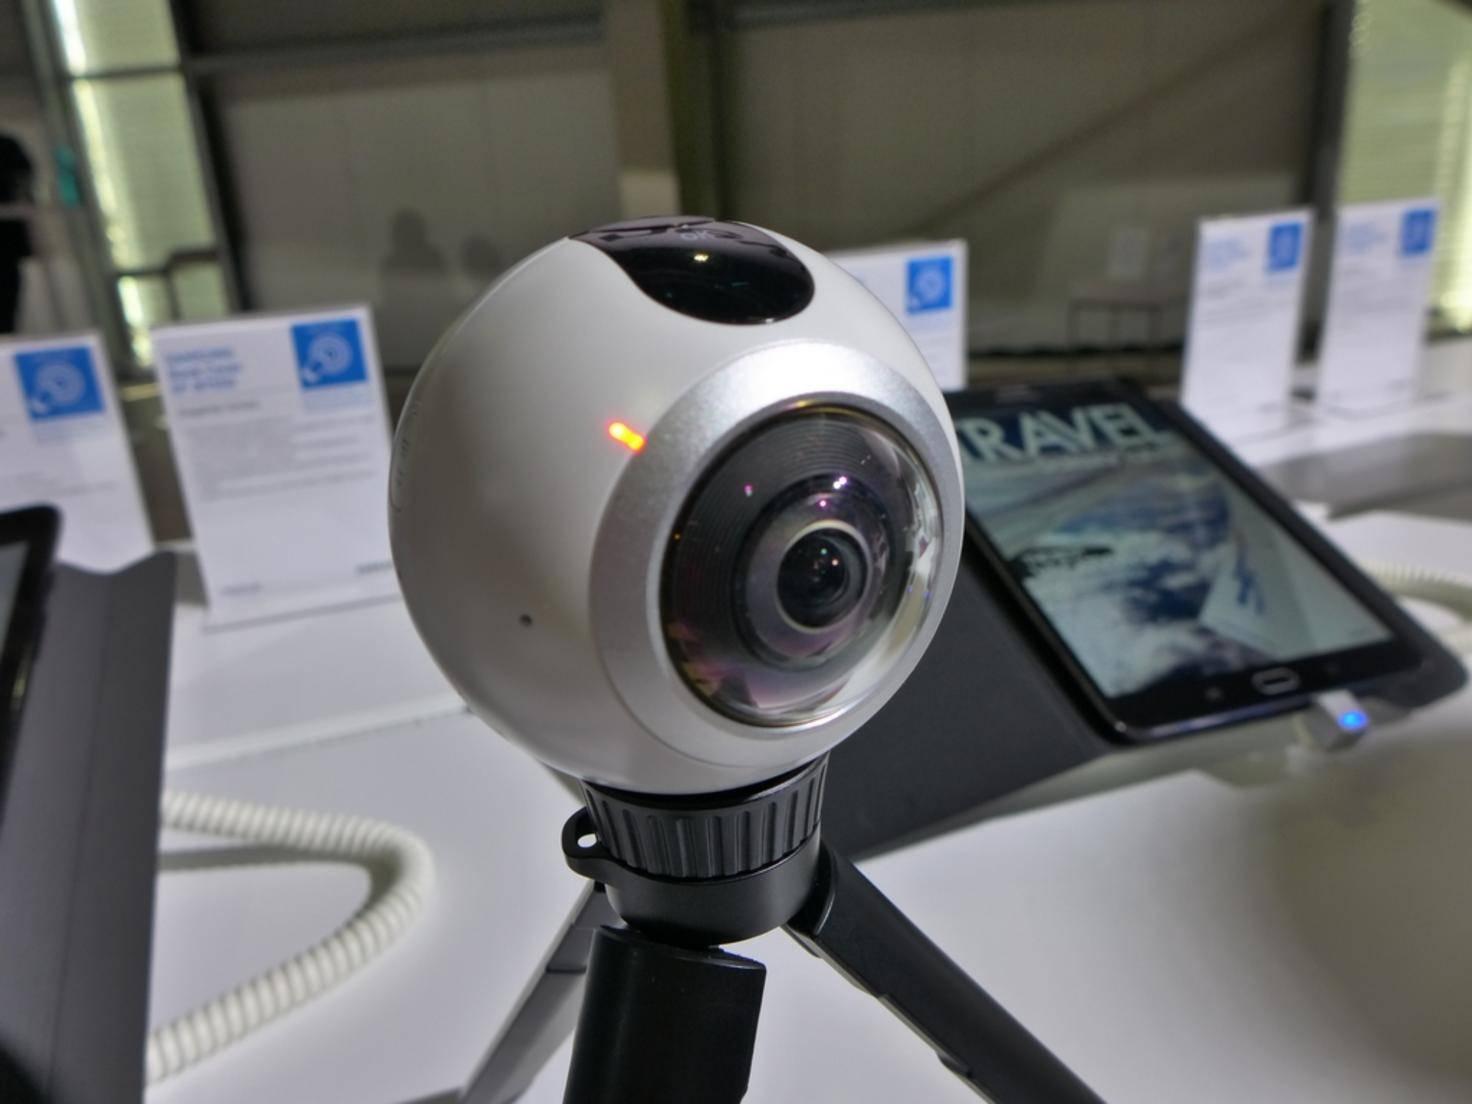 Die Gear 360 soll den nutzergenerierten Content liefern.